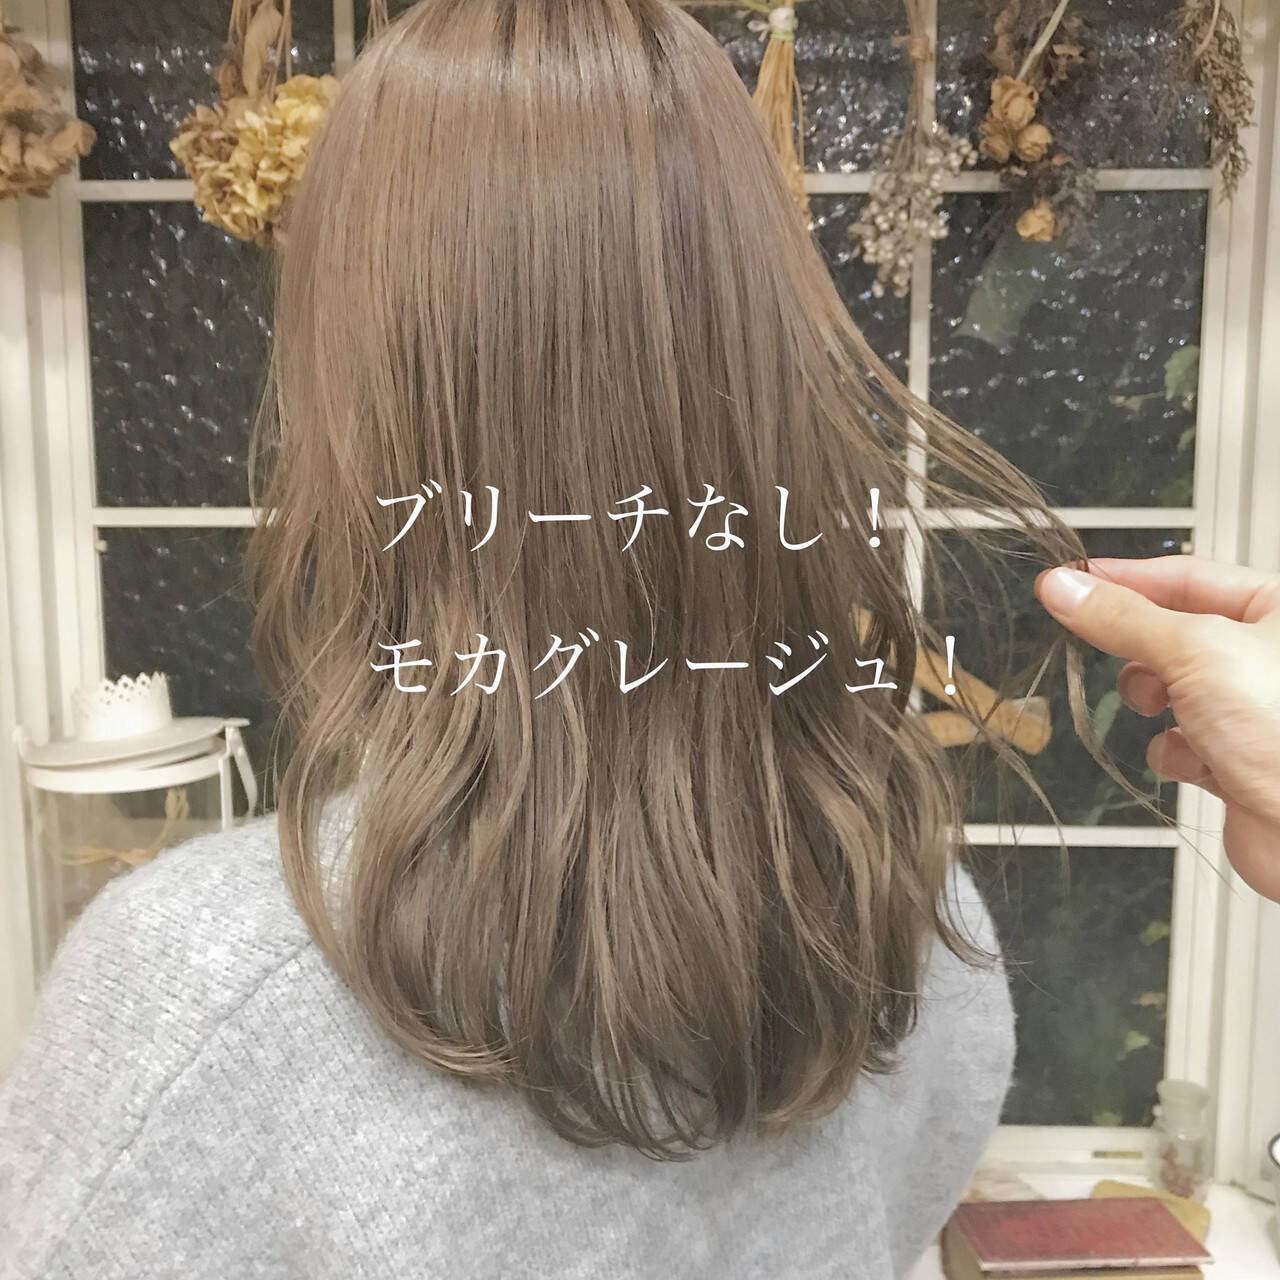 ロング ミルクティーベージュ ナチュラル ブリーチなしヘアスタイルや髪型の写真・画像